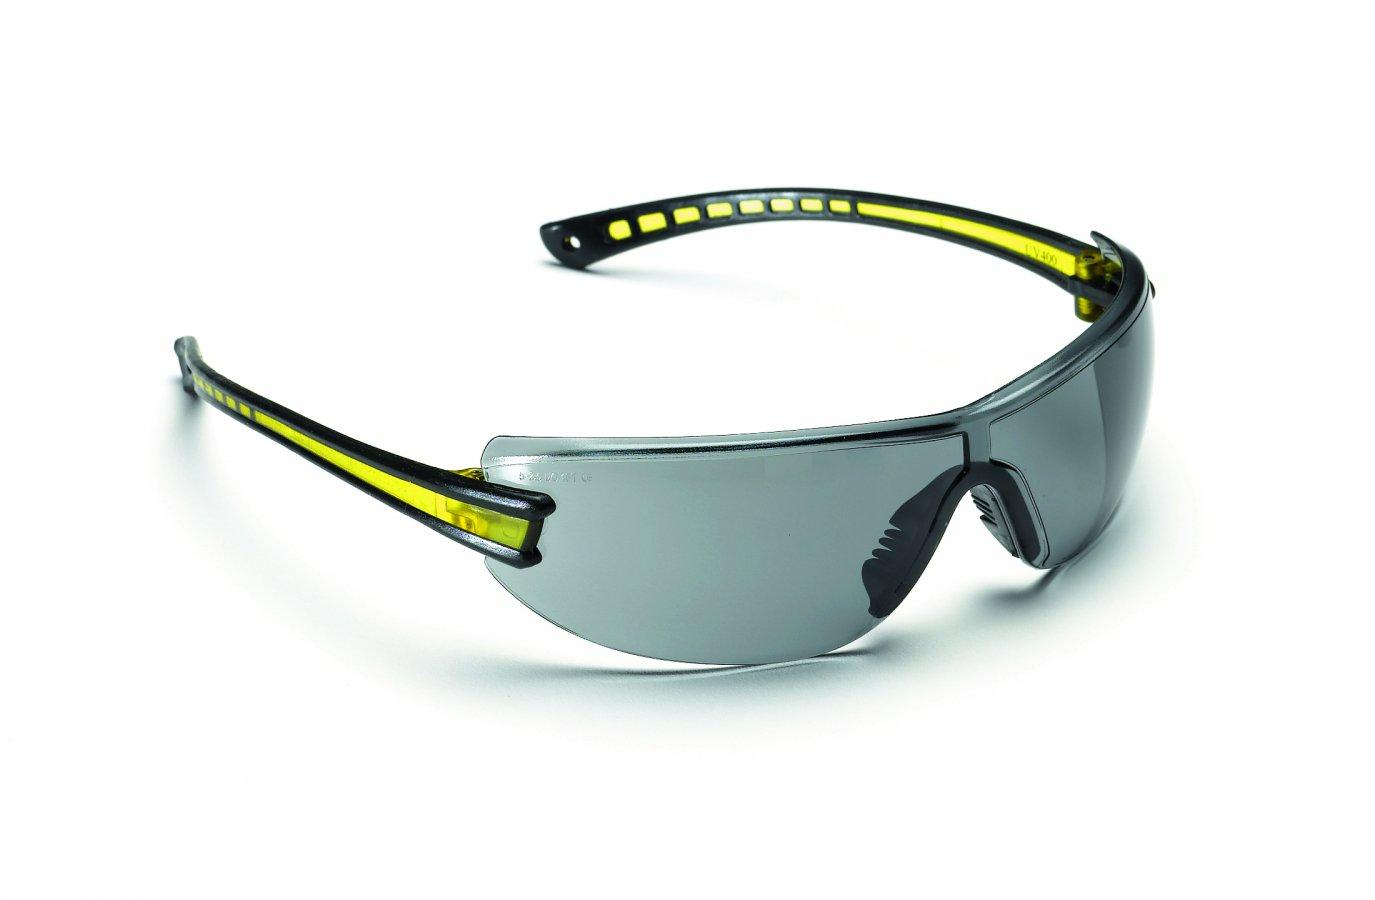 Очки Zhi UNICO S UV 400 (затемнённые линзы)